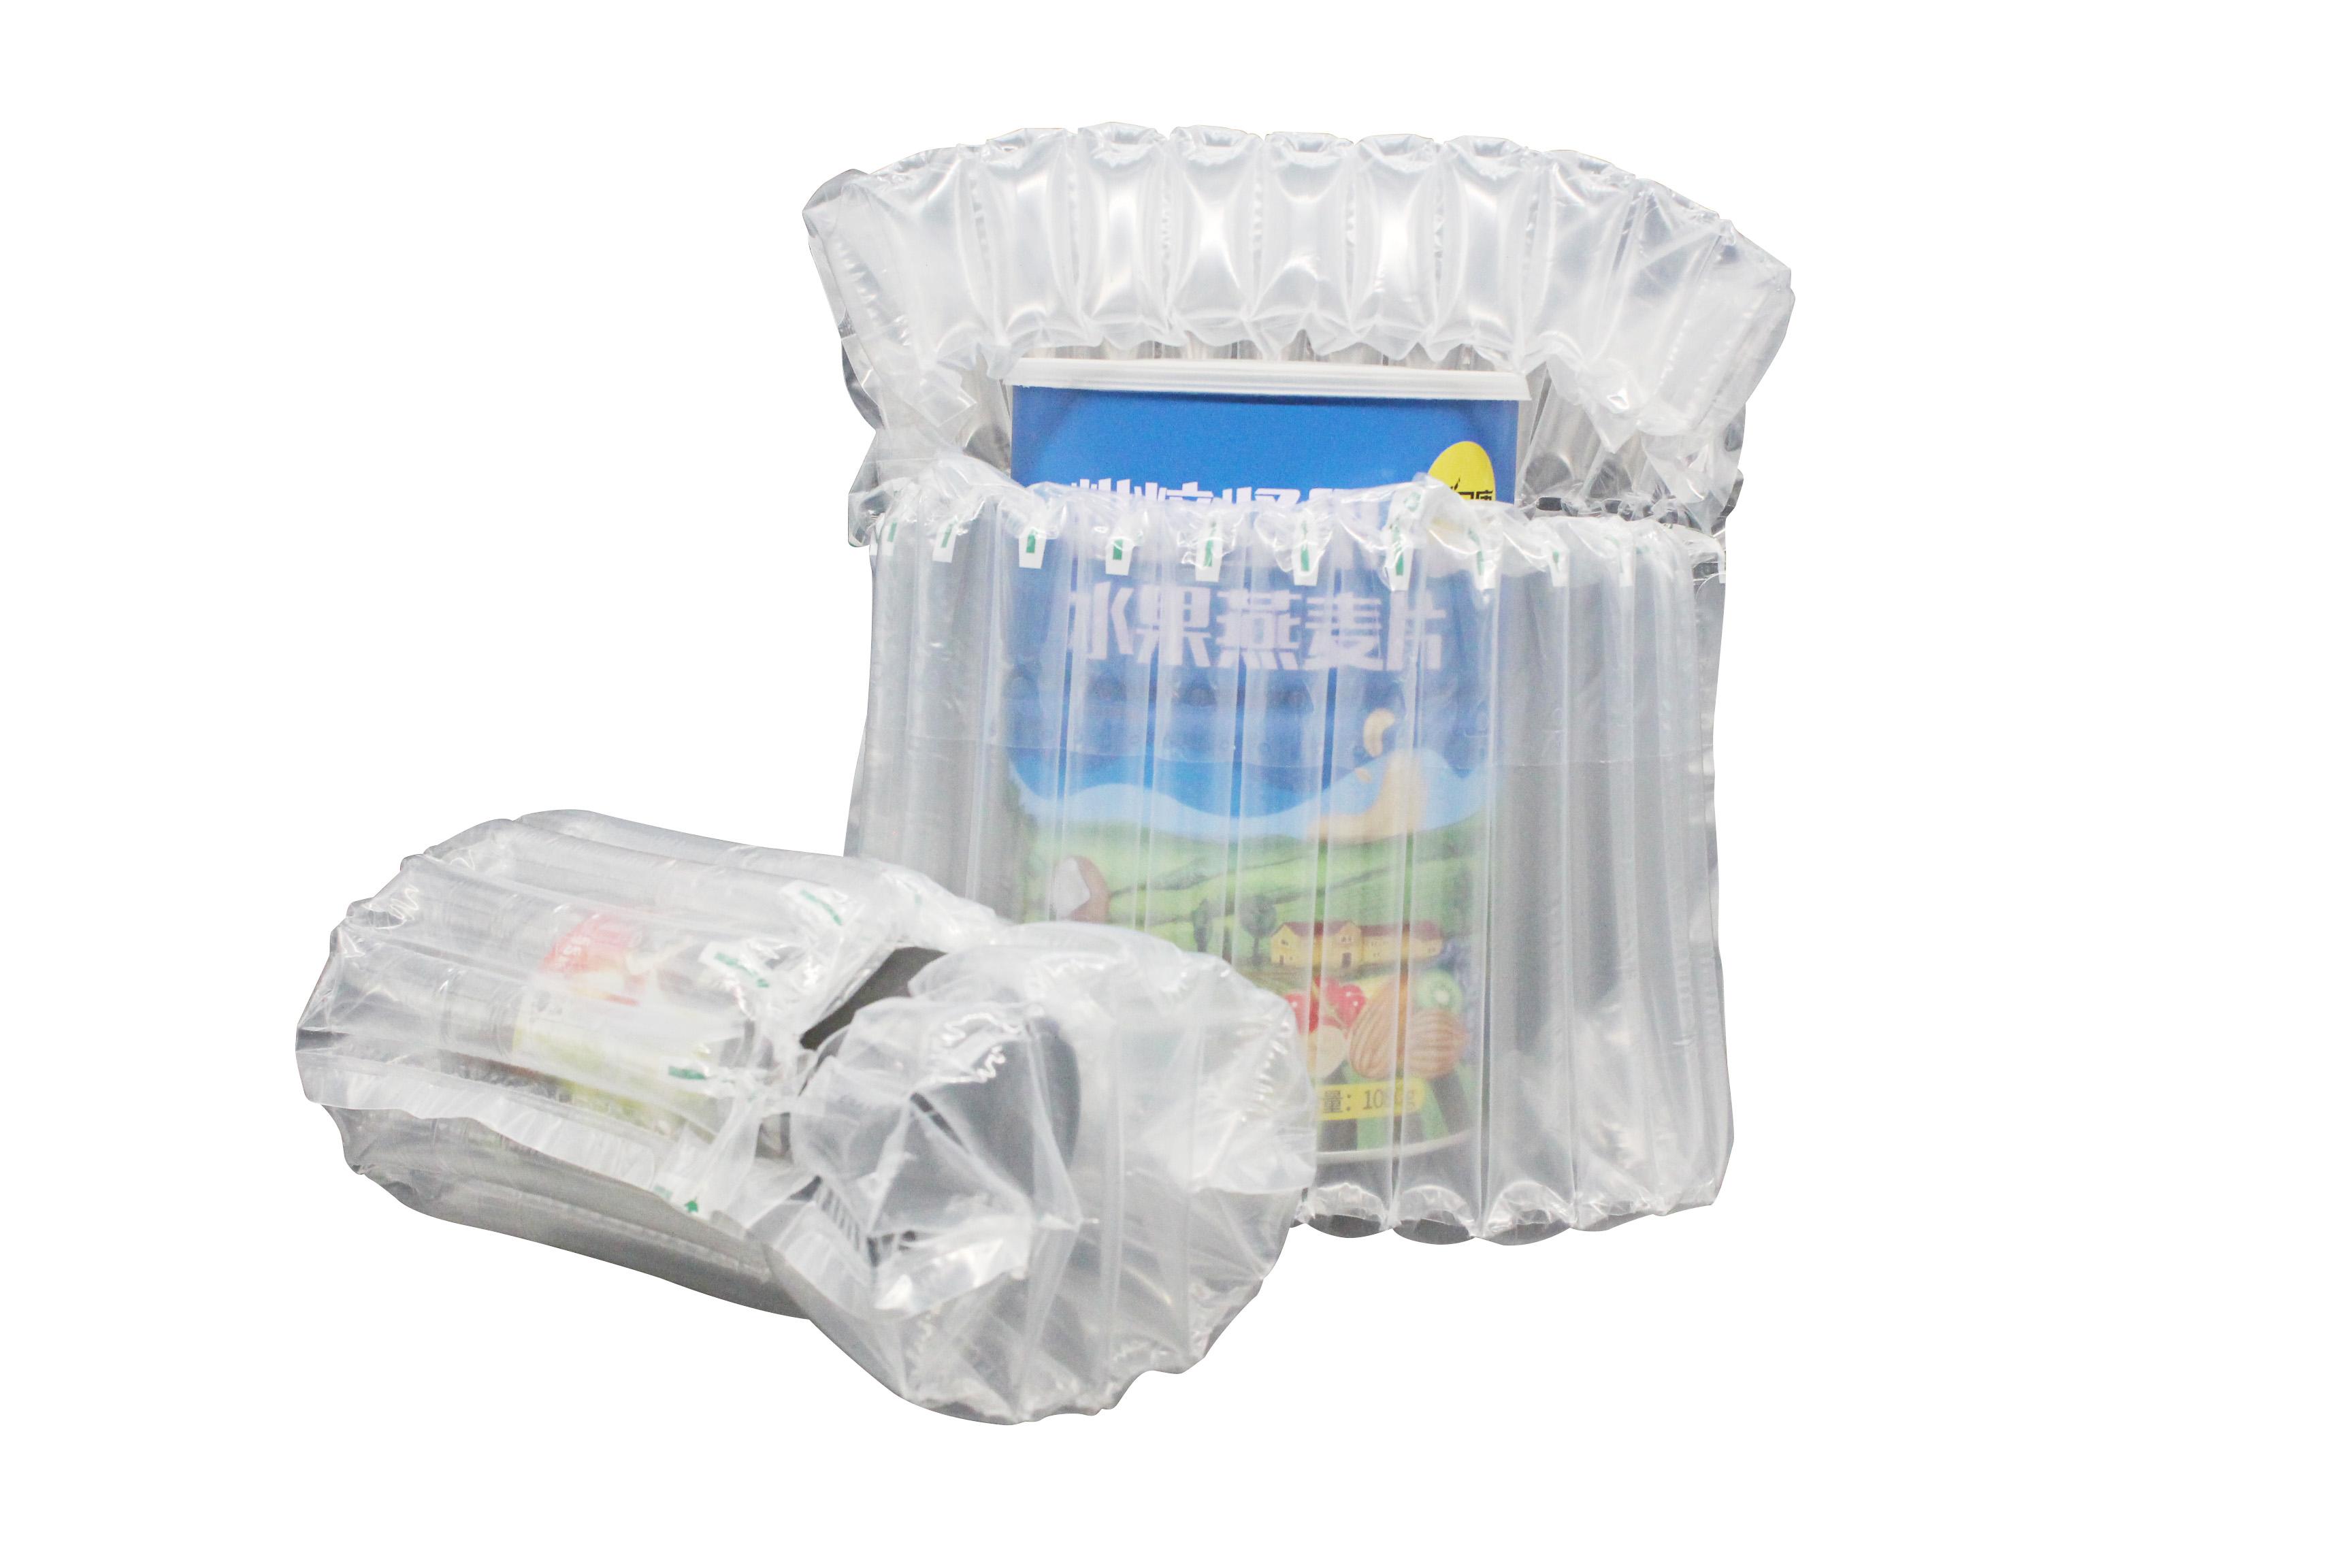 Оптовая продажа, Портативные Надувные Упаковочные мешки для молочного порошка и винной бутылки, амортизирующая надувная подушка